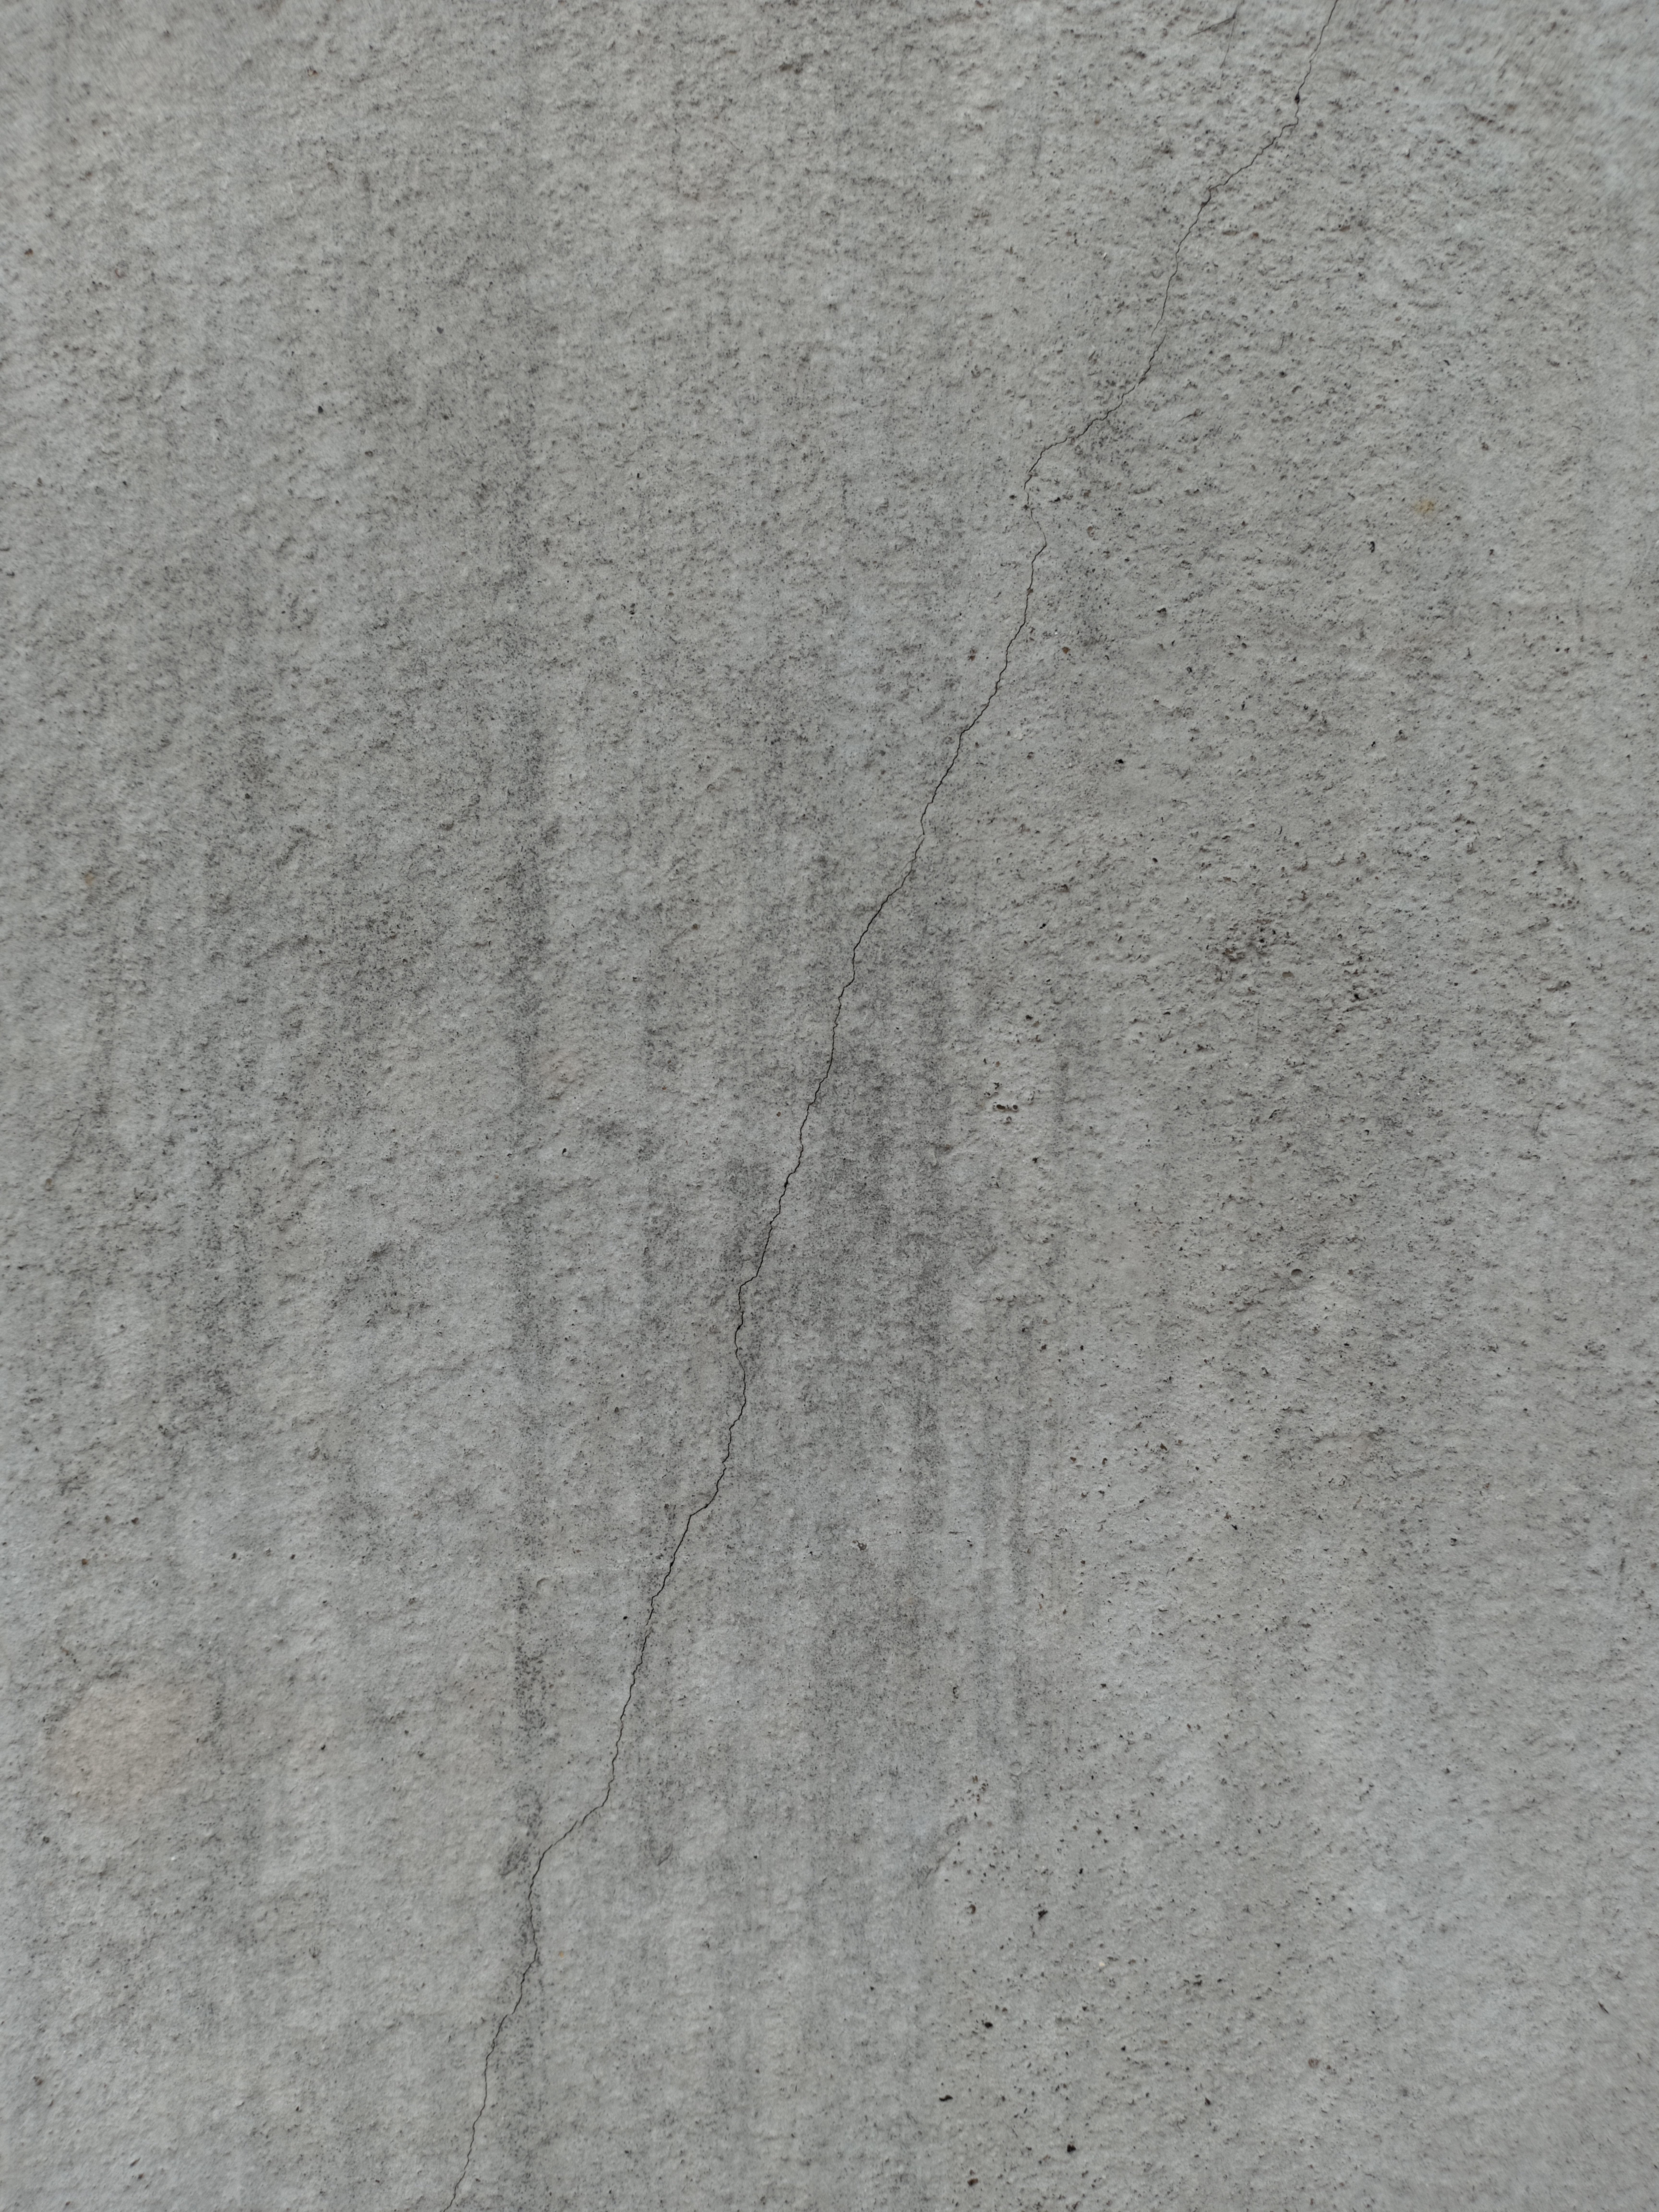 Houston Concrete Supply – Texas Concrete Ready Mix